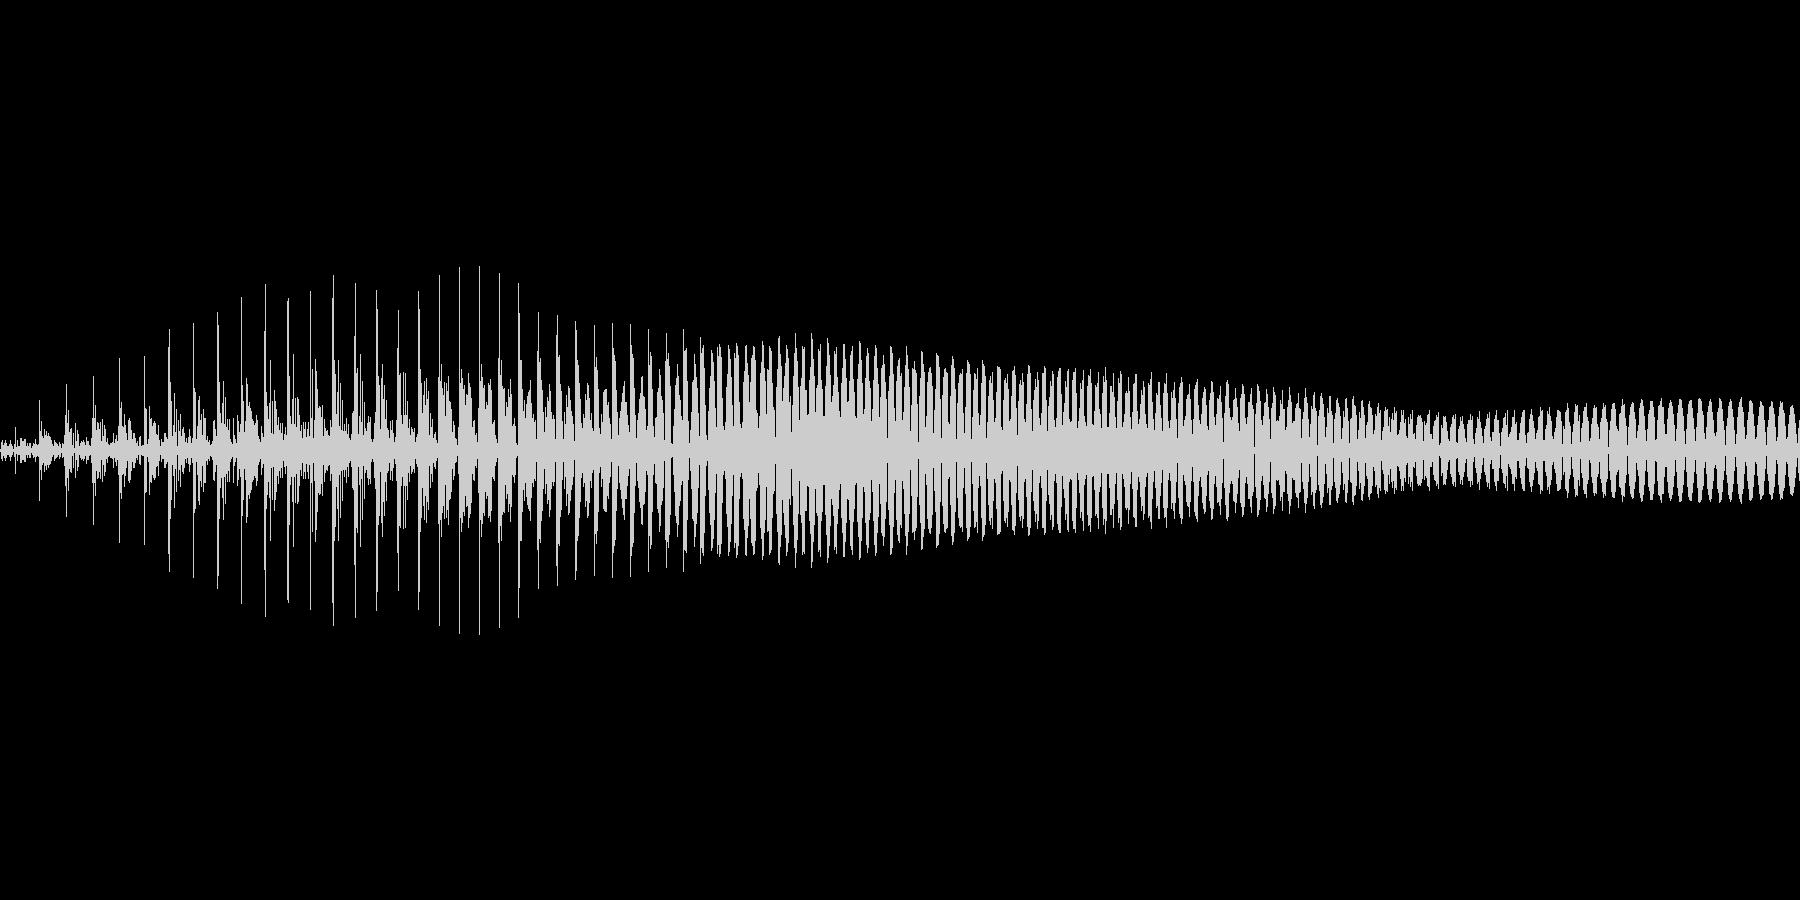 えい!【攻撃、掛け声】の未再生の波形